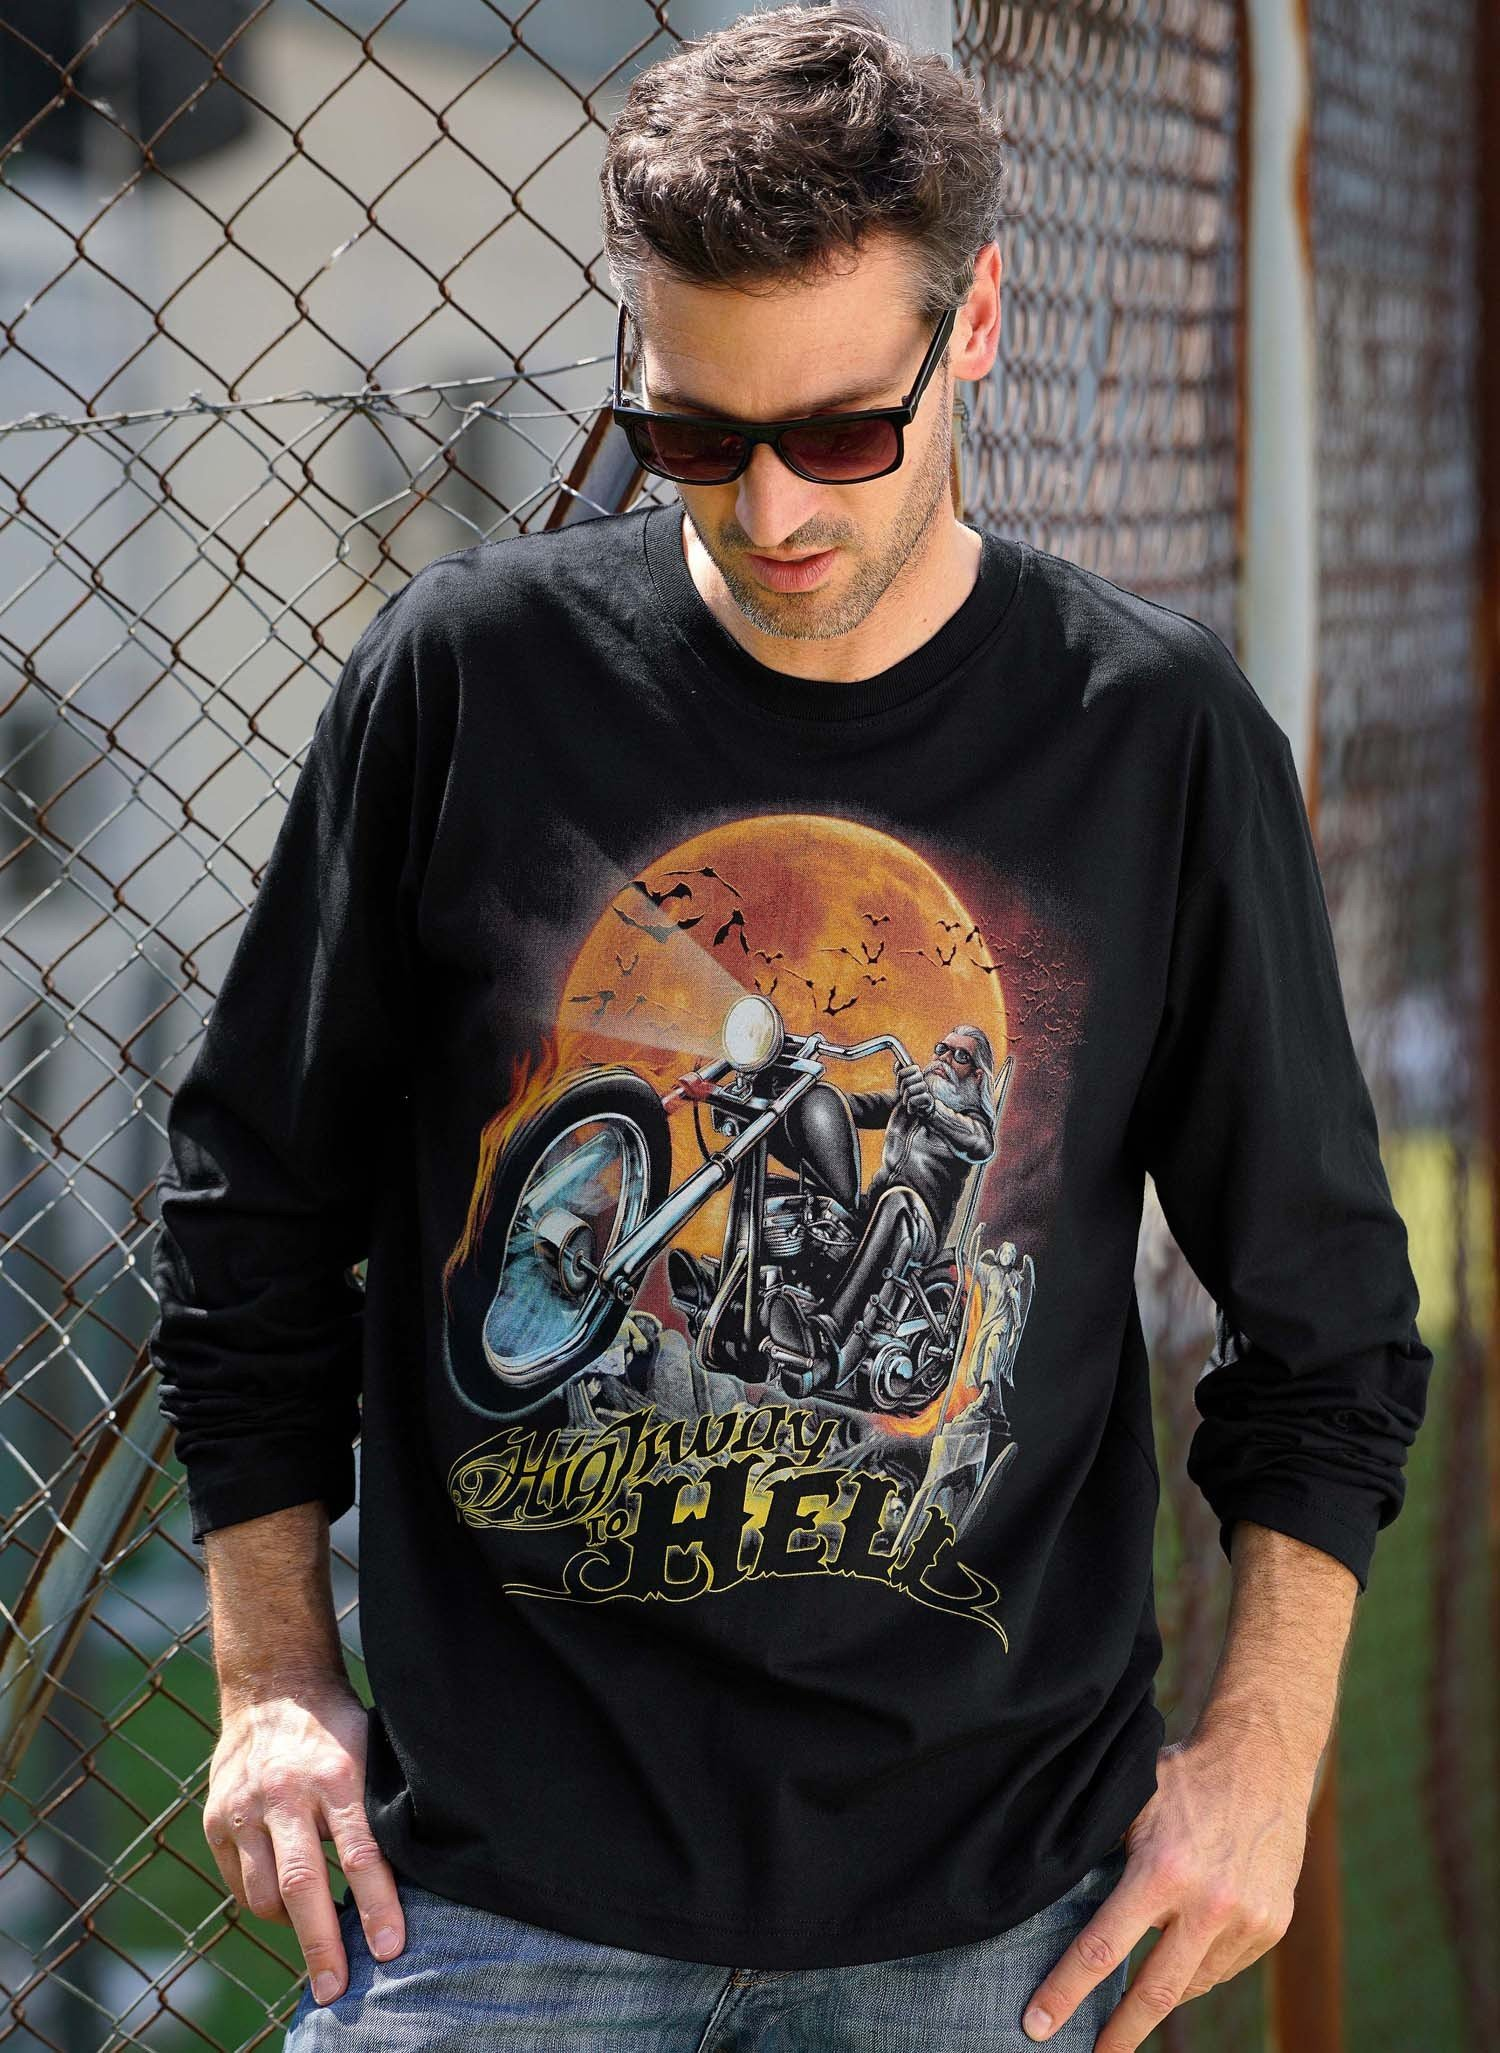 H-LA-Shirt, Mond/Bike, schwarz L 010 - 1 - Ronja.ch